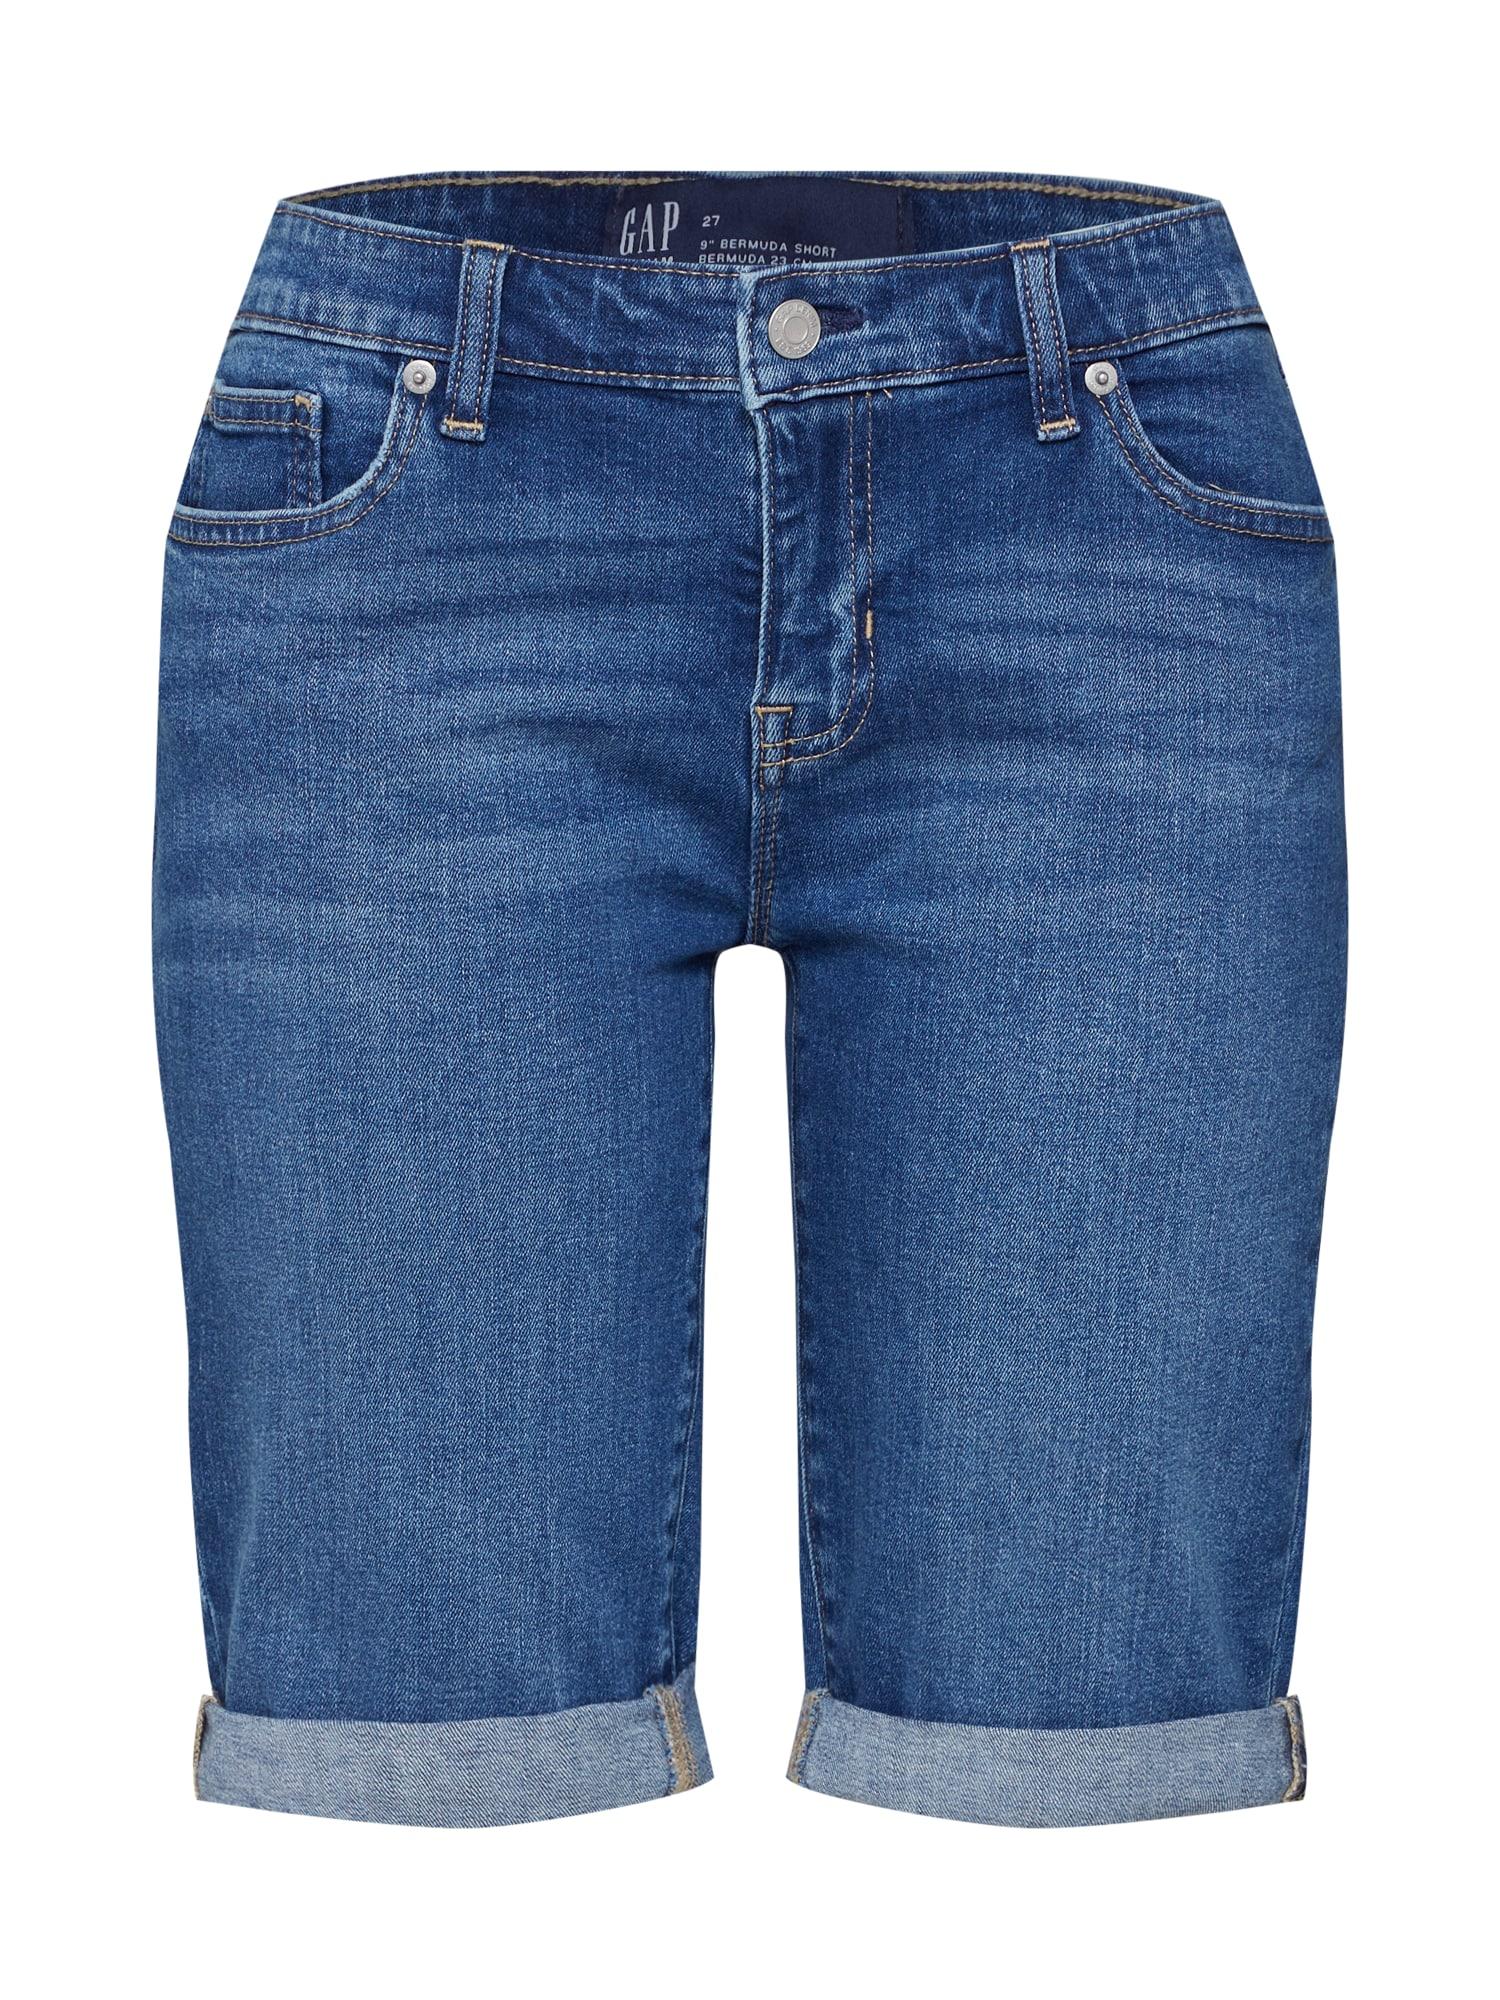 Jeans 'V-BERMUDA MED MILAO DR' | Bekleidung > Jeans > Shorts & Bermudas | GAP